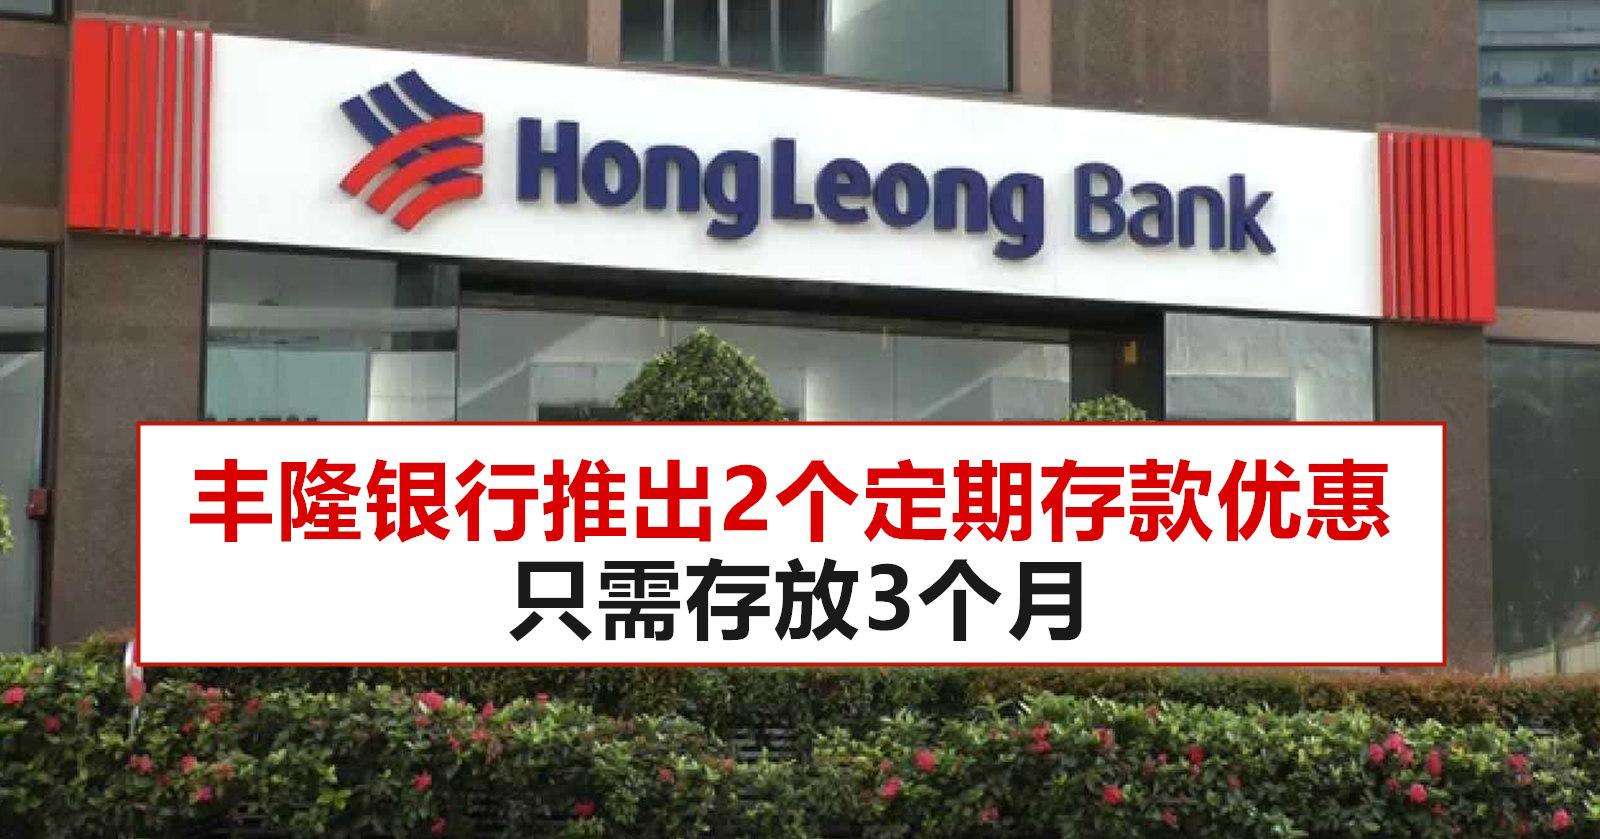 7月份Hong Leong Bank定期存款优惠